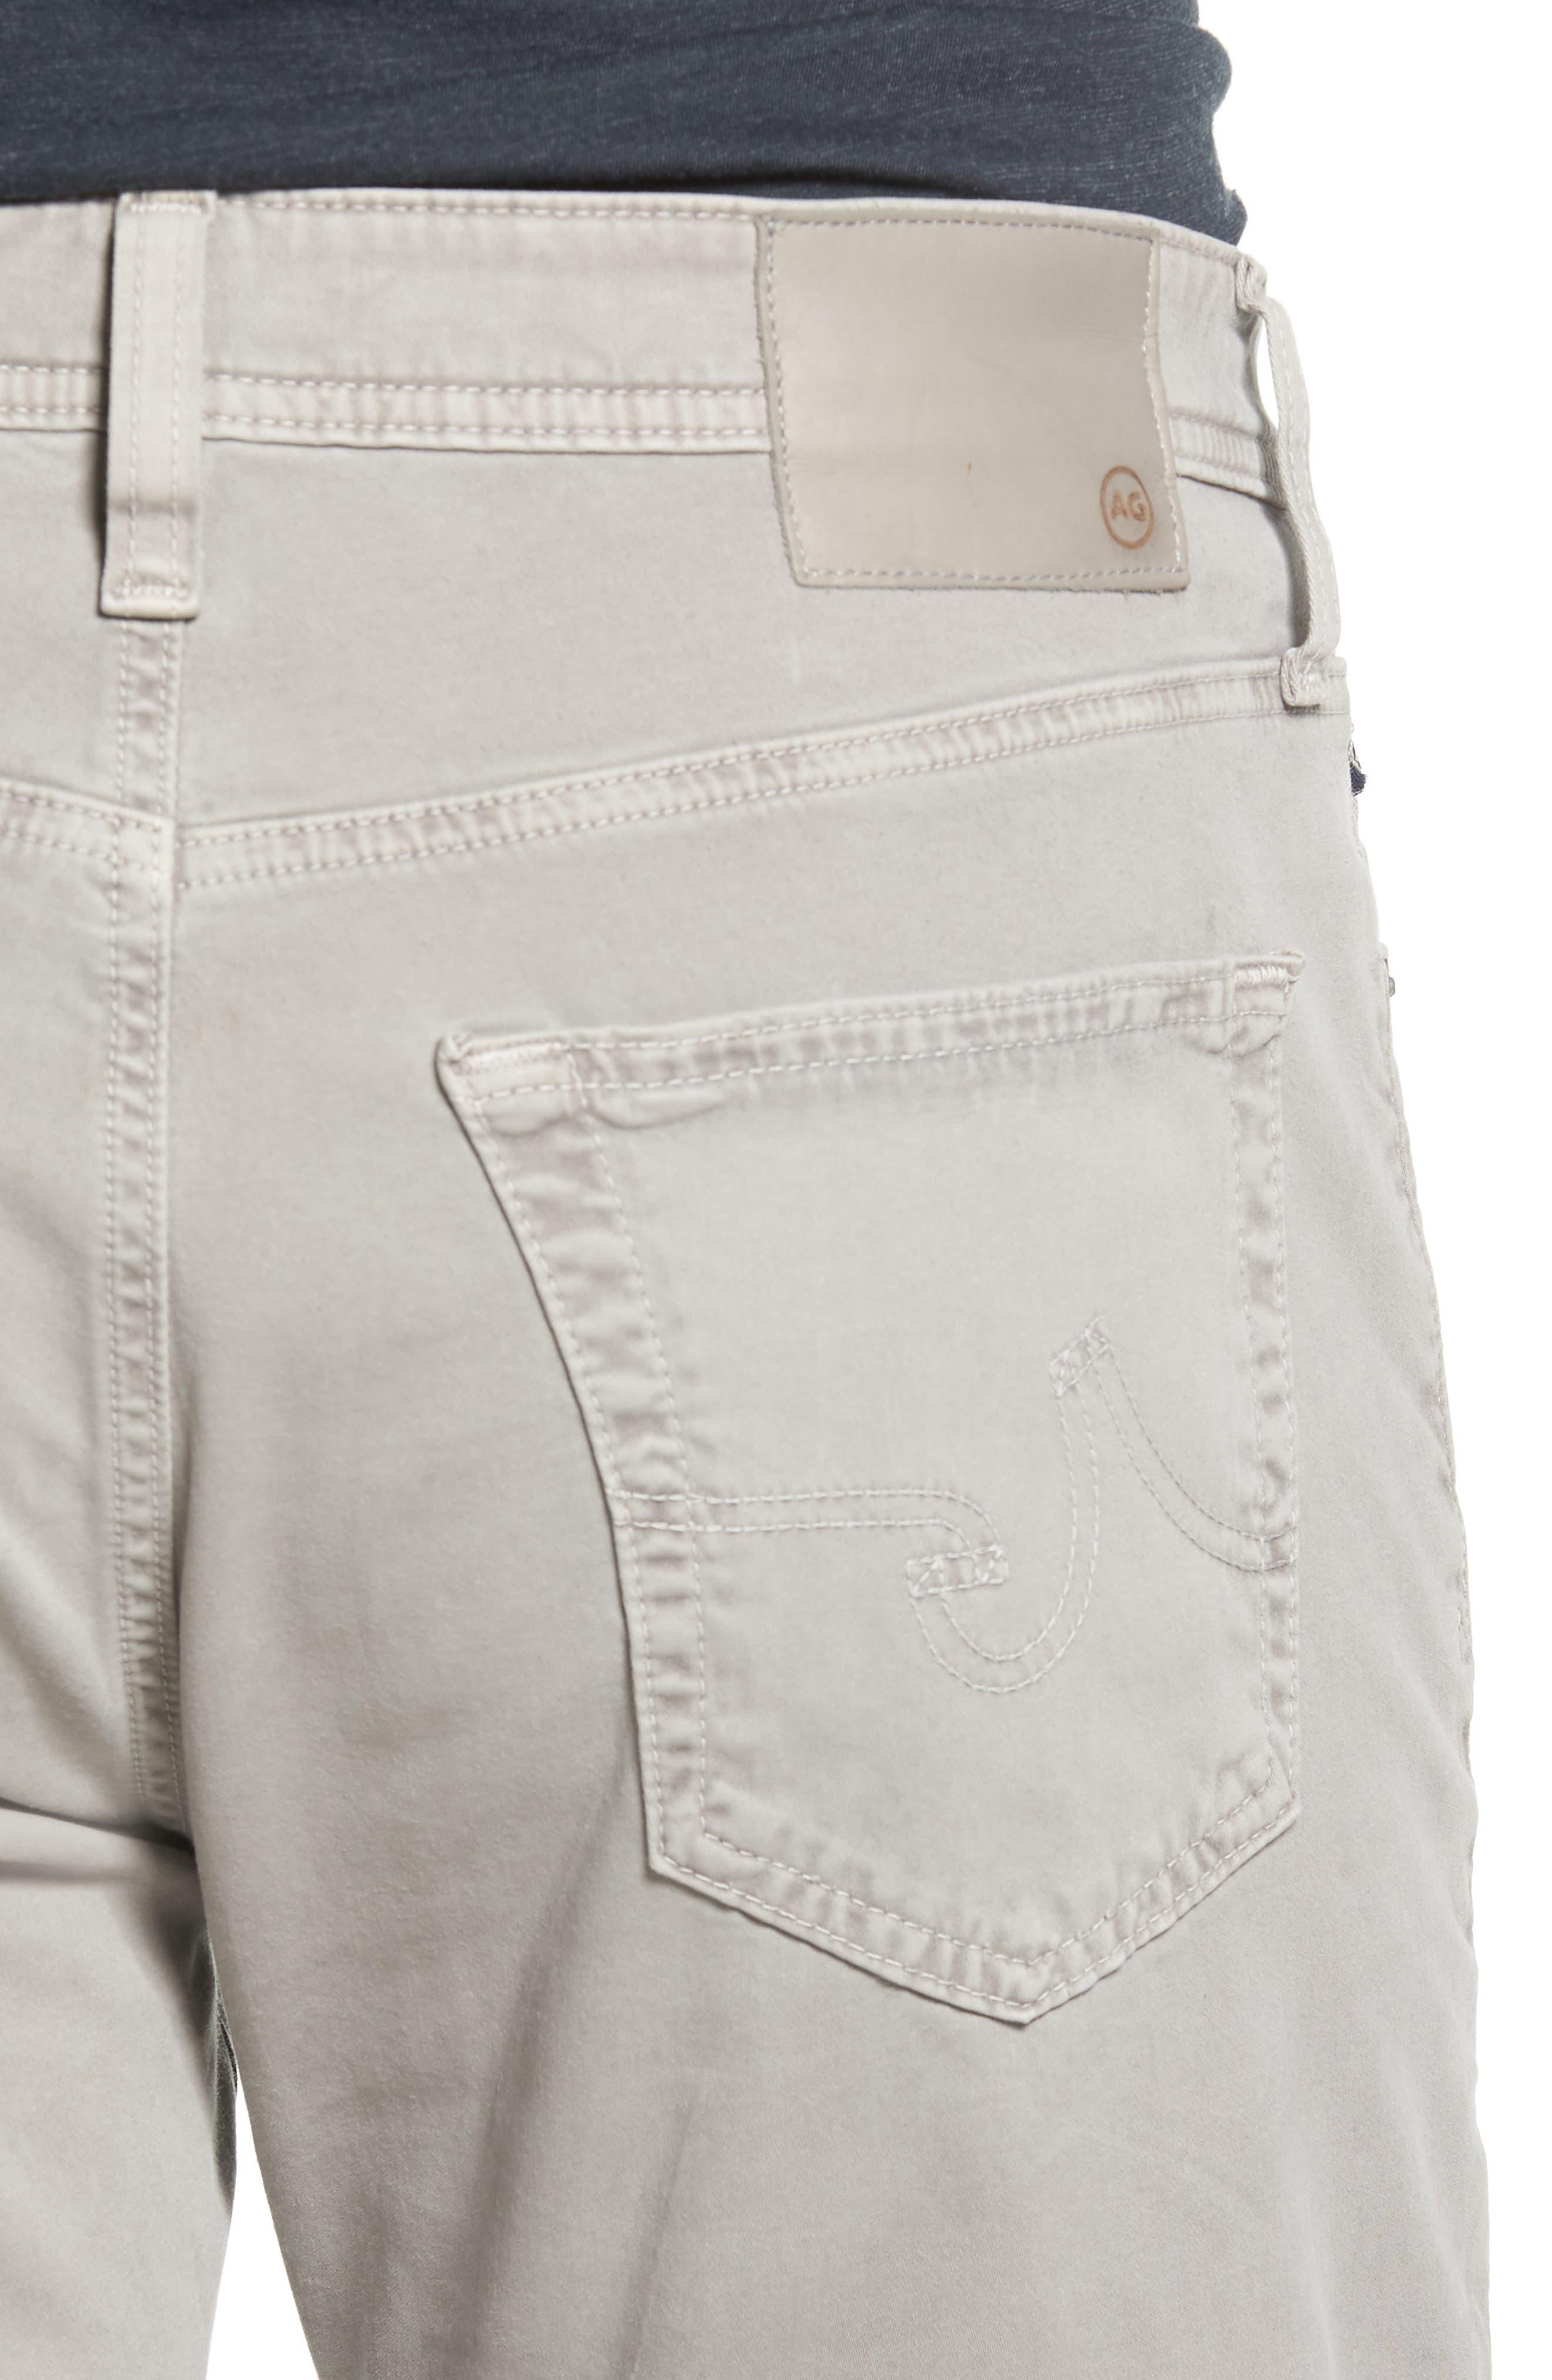 Everett SUD Slim Straight Fit Pants,                             Alternate thumbnail 4, color,                             Sulfur Platinum